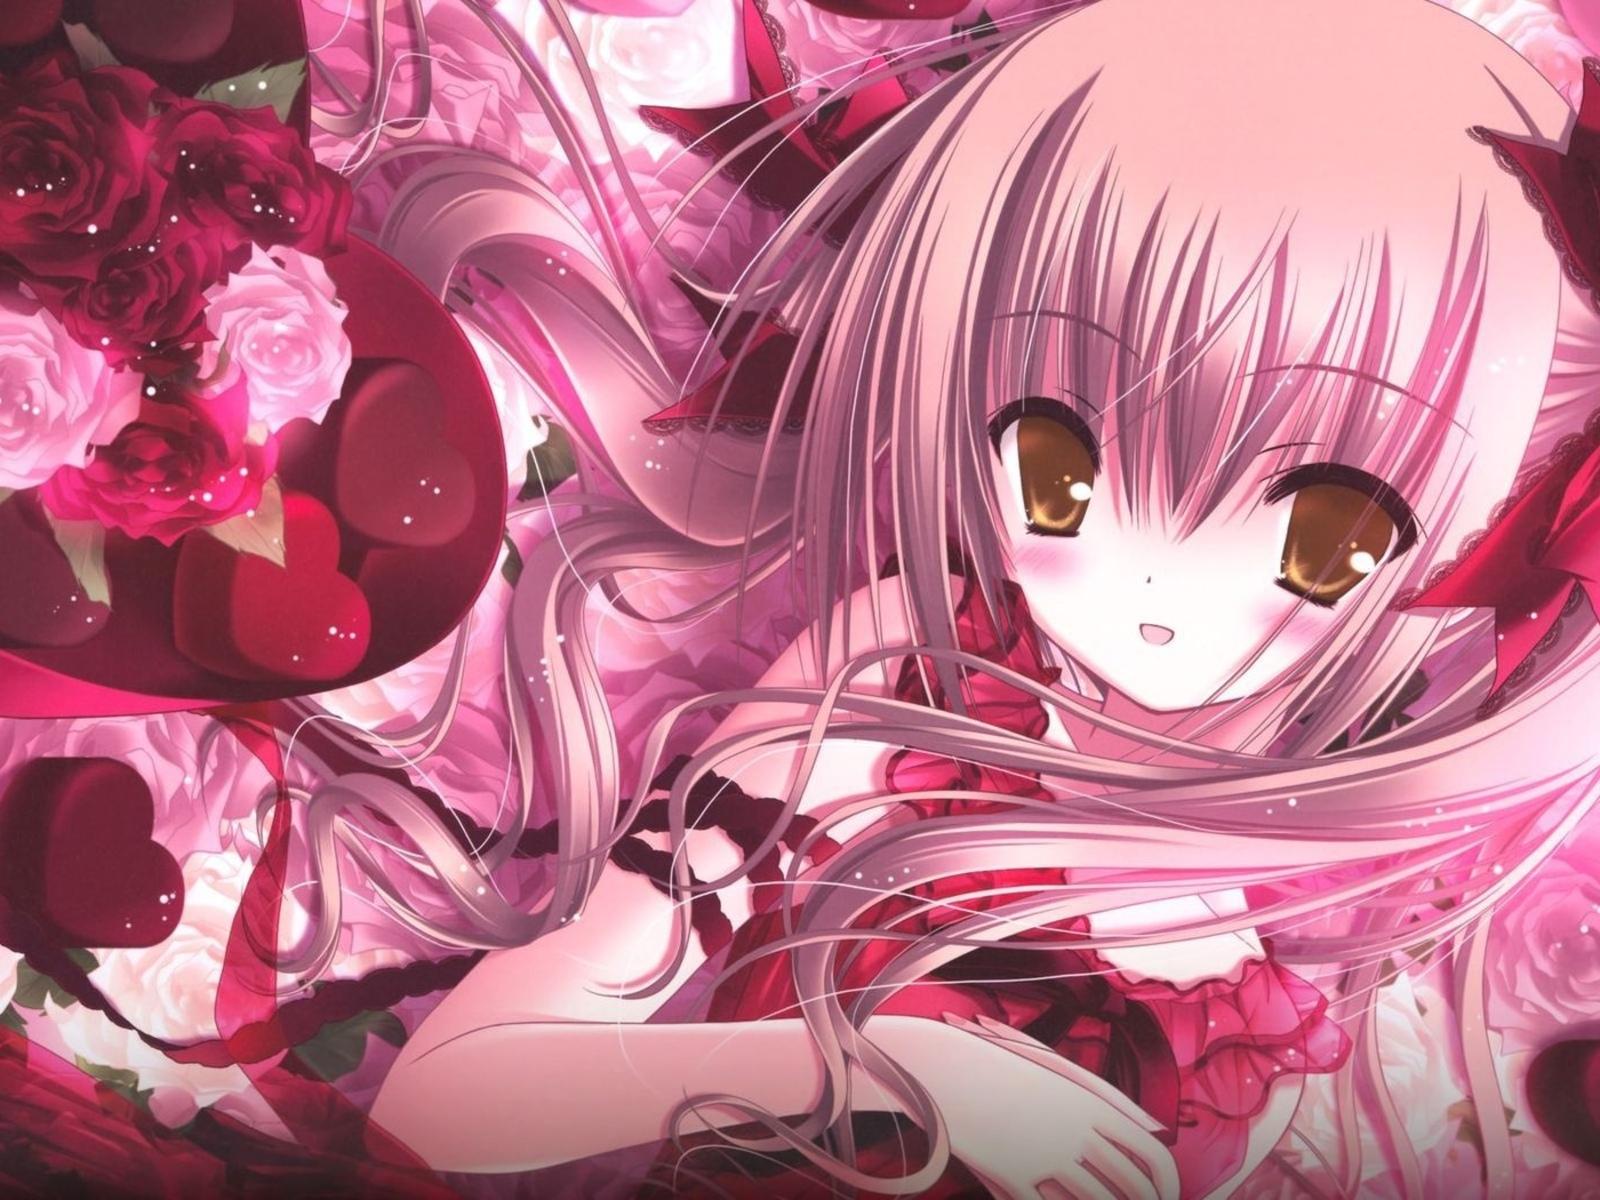 Девушка волосы конфеты розы бантик